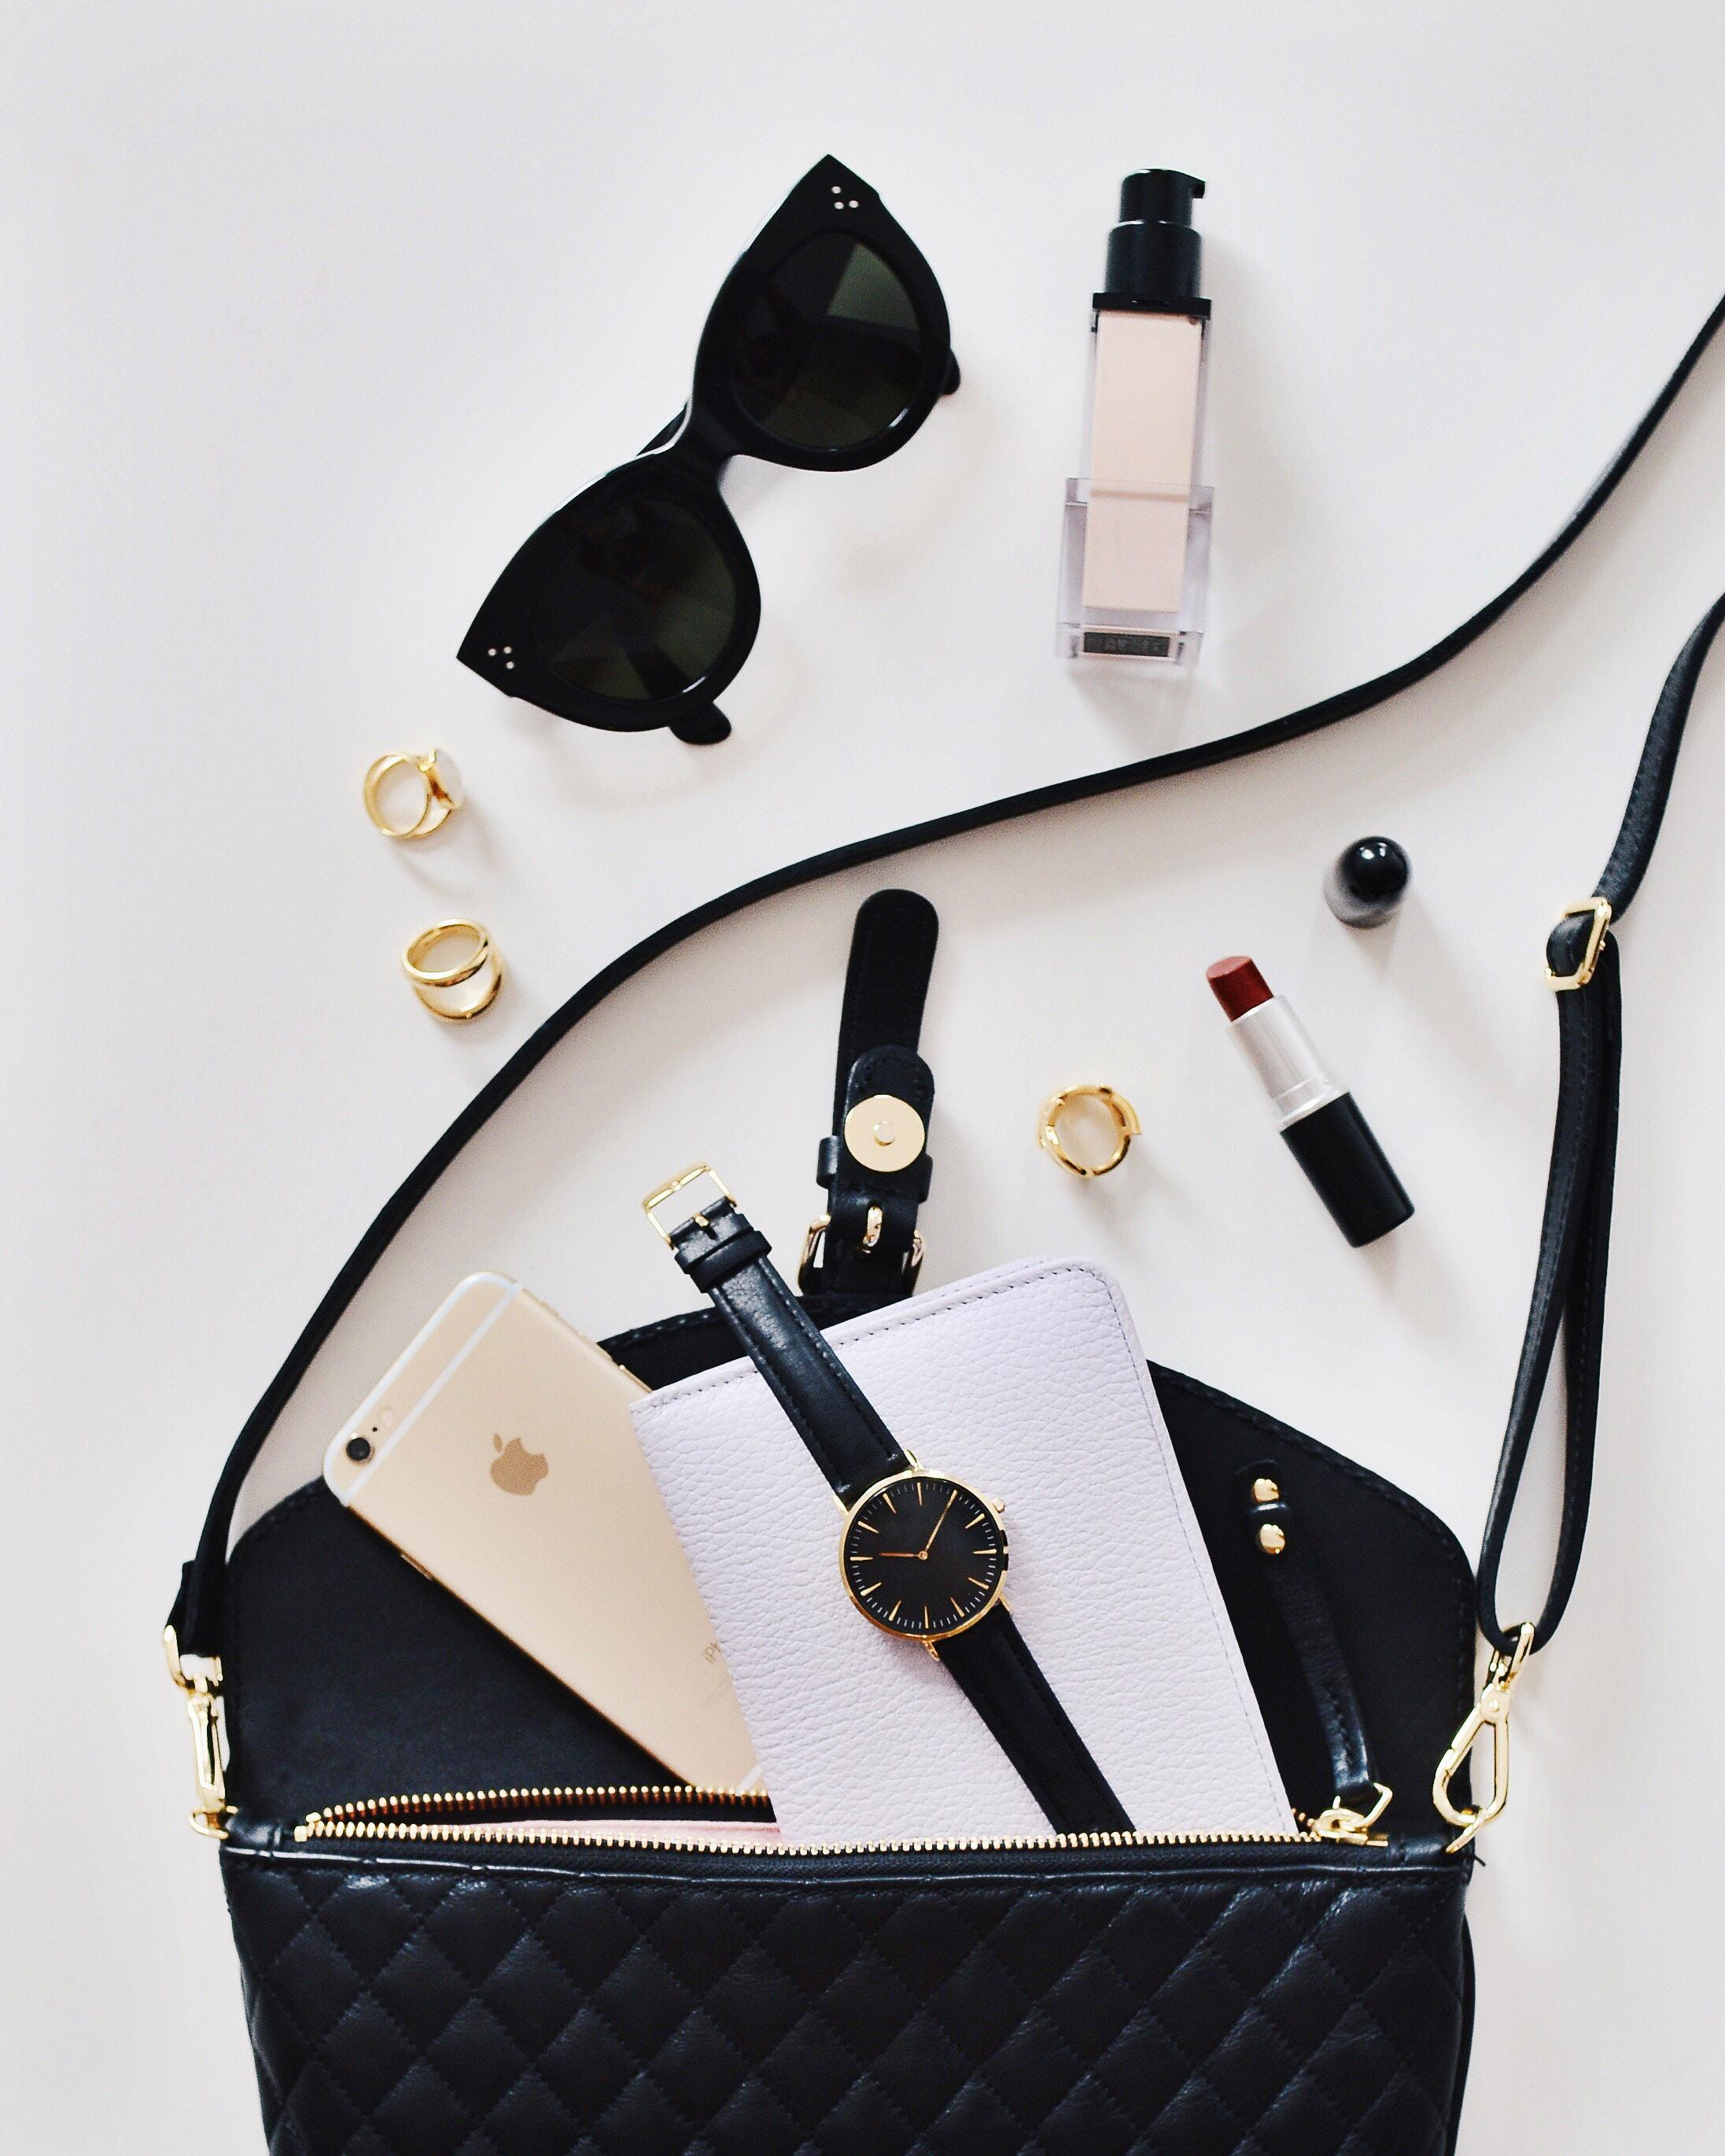 Summer's Essential Beauty Bag #makeup #beauty #summer #beautiful #beautyproducts #bevhillsmag #beverlyhills #beverlyhillsmagazine #hair #serum